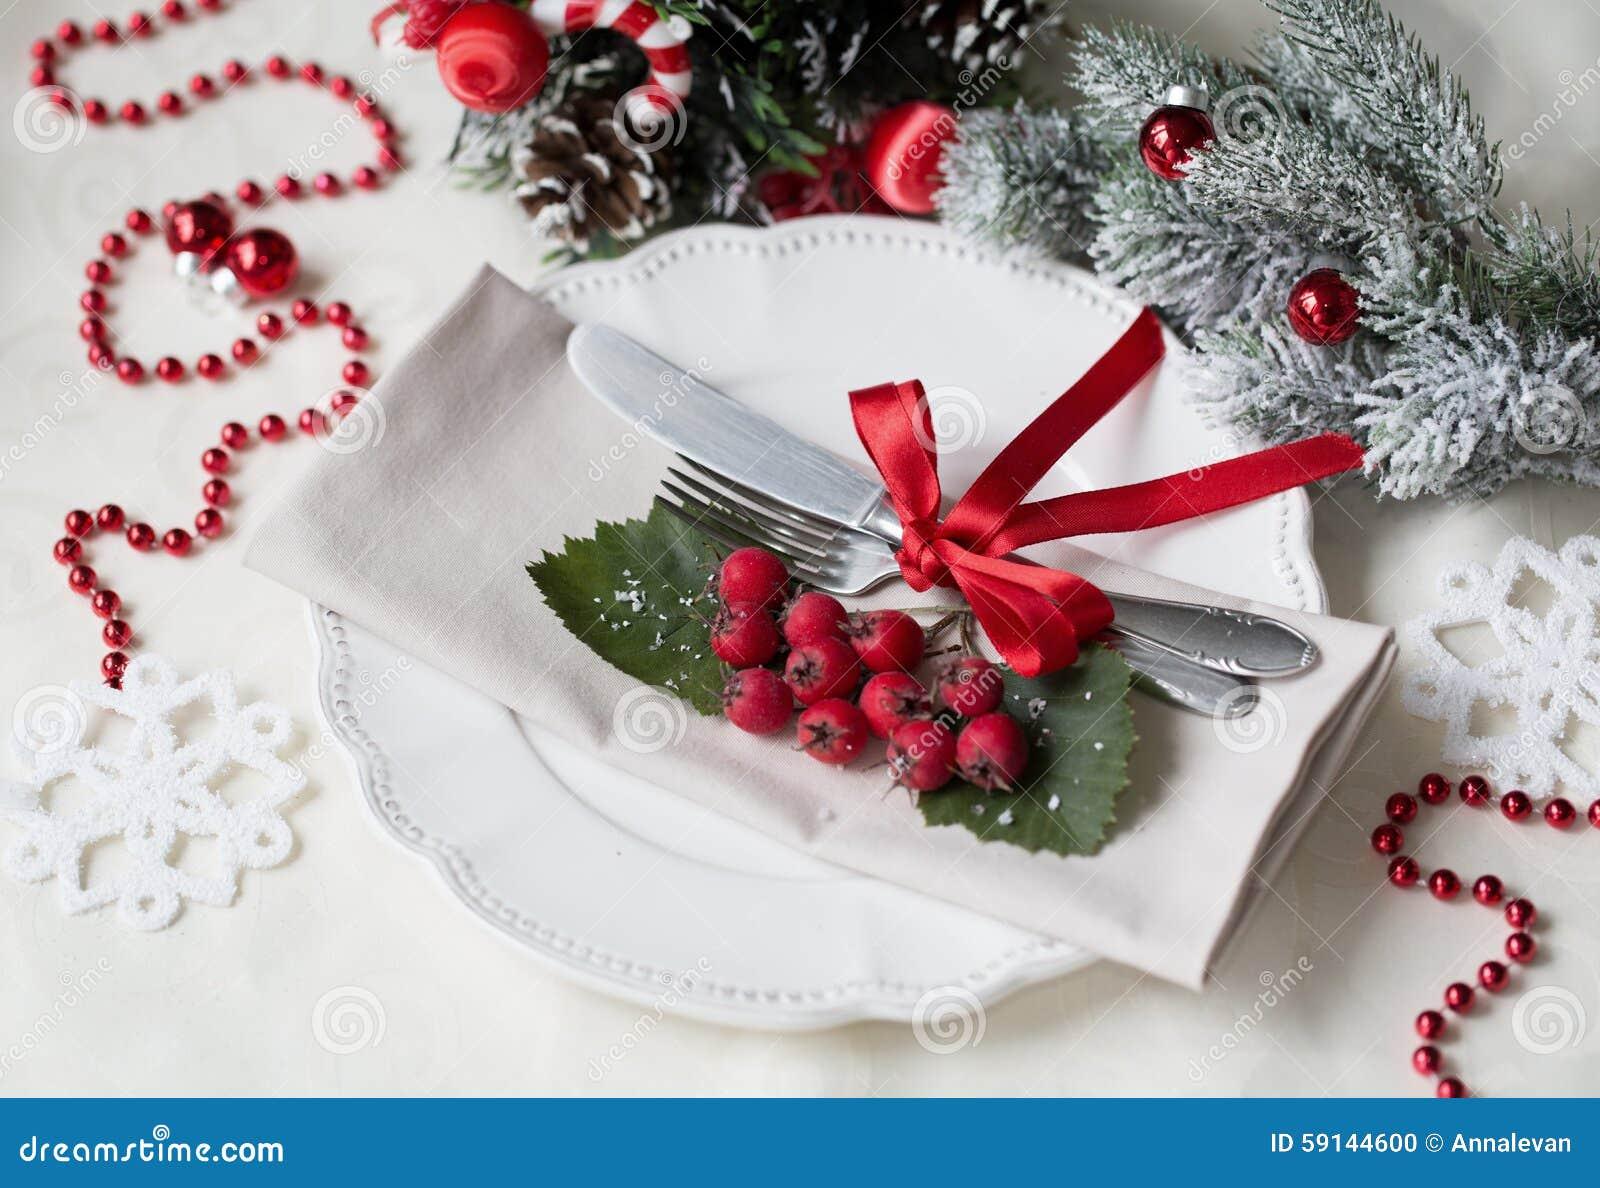 Weihnachts-und Neujahrsfeiertag-Gedeck feier Gedeck für Weihnachtsessen Hintergrund beleuchtete Girlande der farbigen Glühlampen